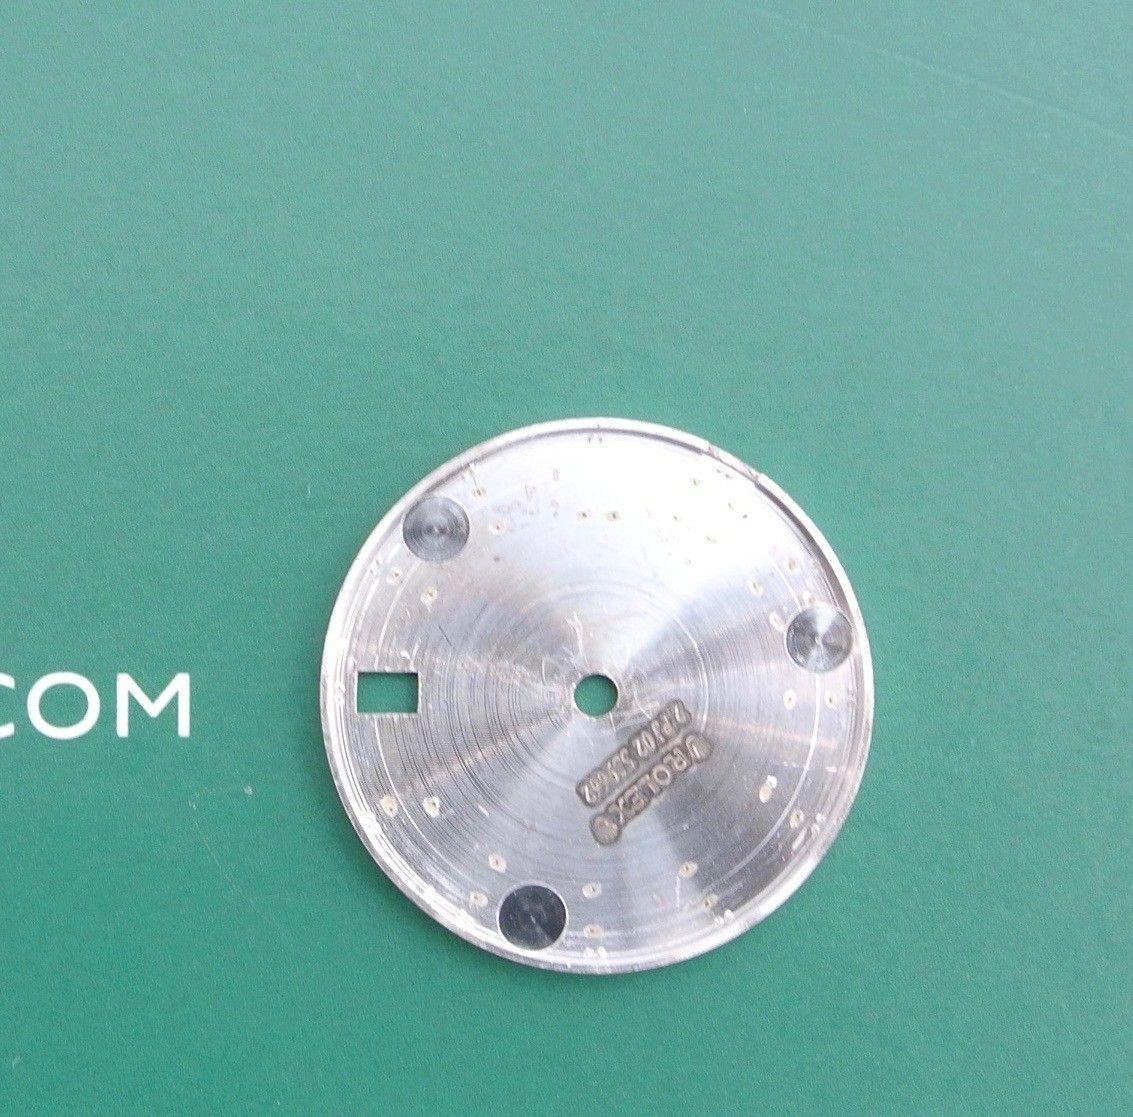 Rolex datejust argentee romani 31 mm 178273-178240 Originale